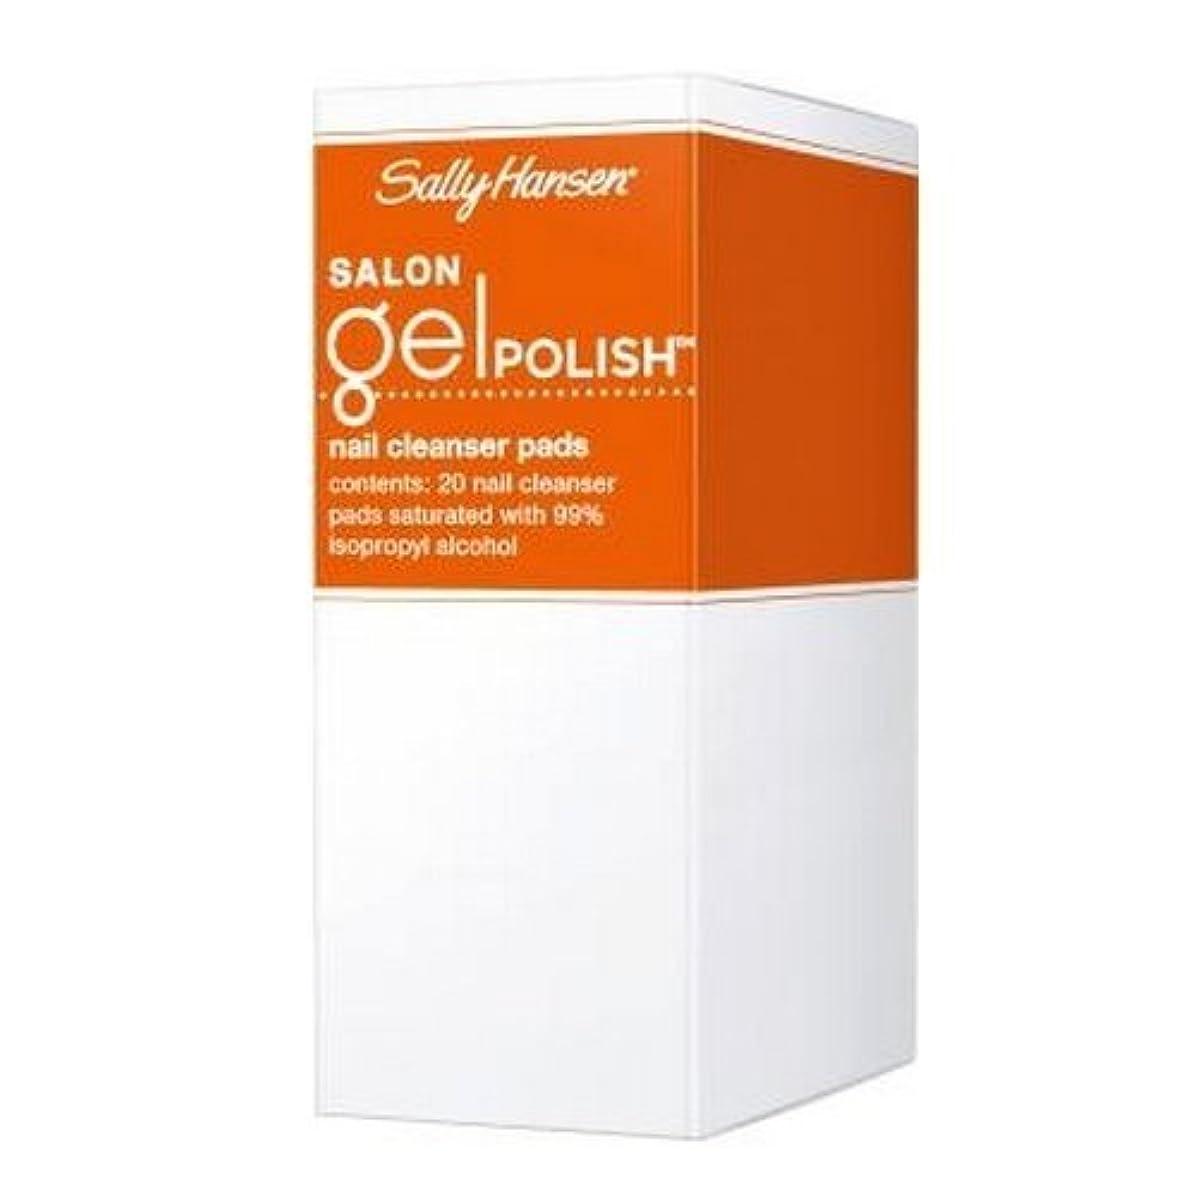 チャンスドループ誇張(3 Pack) SALLY HANSEN Salon Gel Polish Nail Cleanser Pads - Gel Polish Cleanser Pads (並行輸入品)